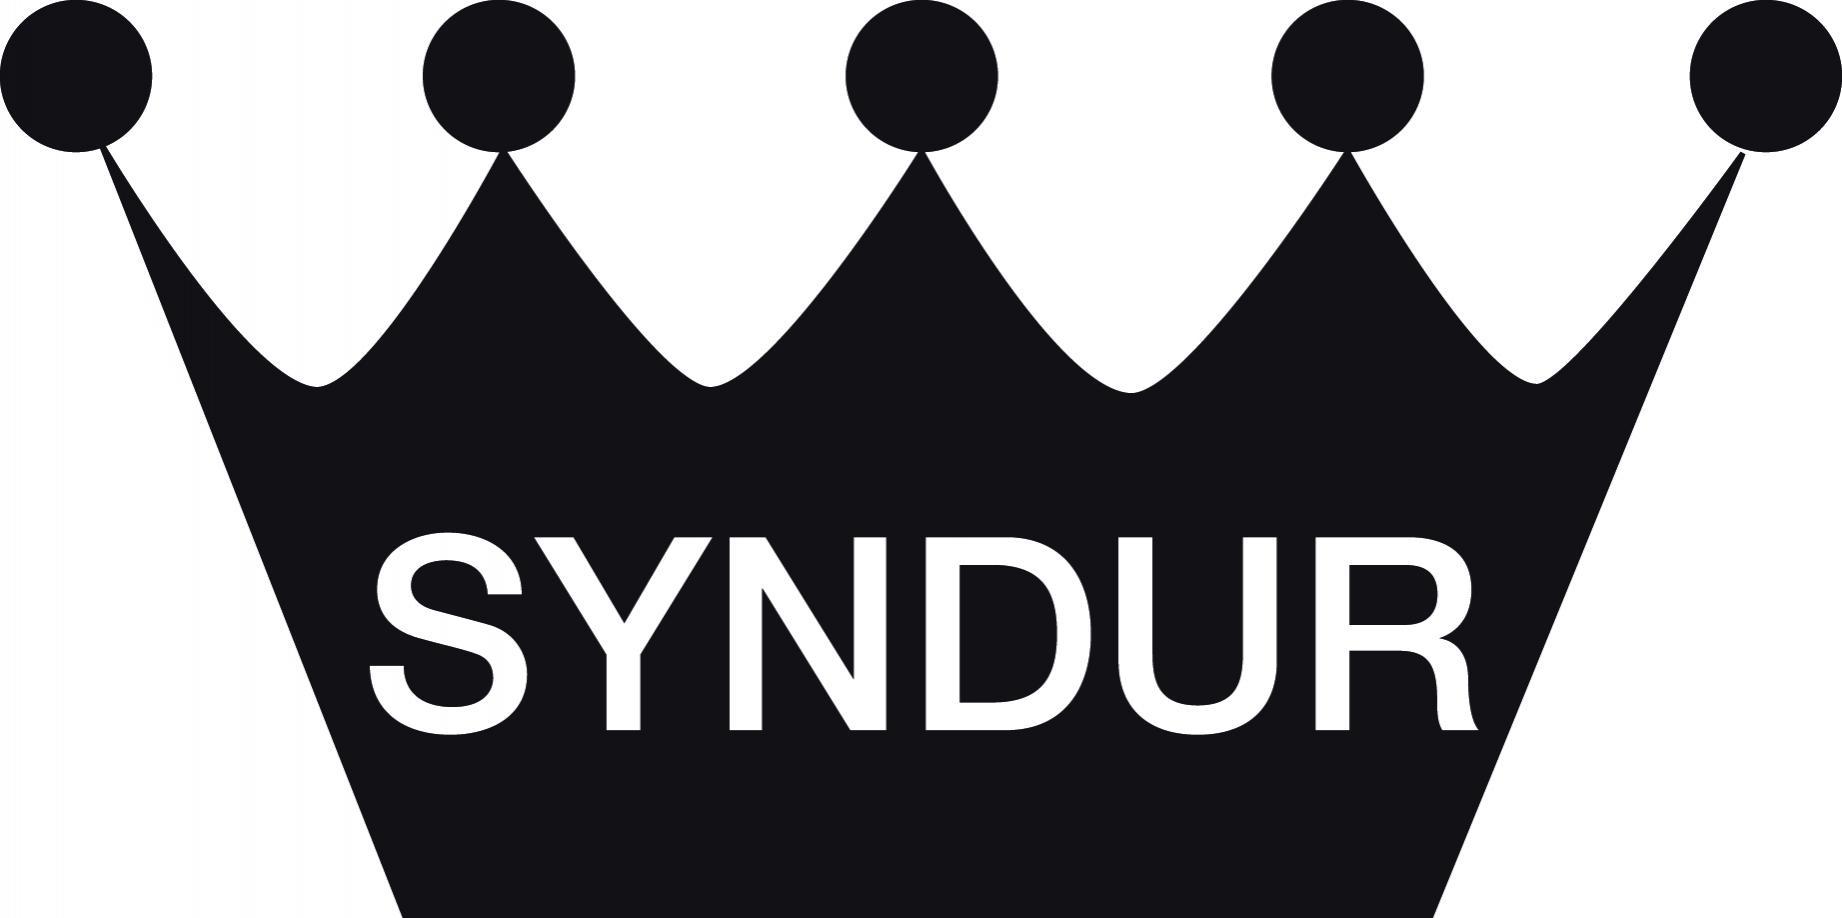 Syndur